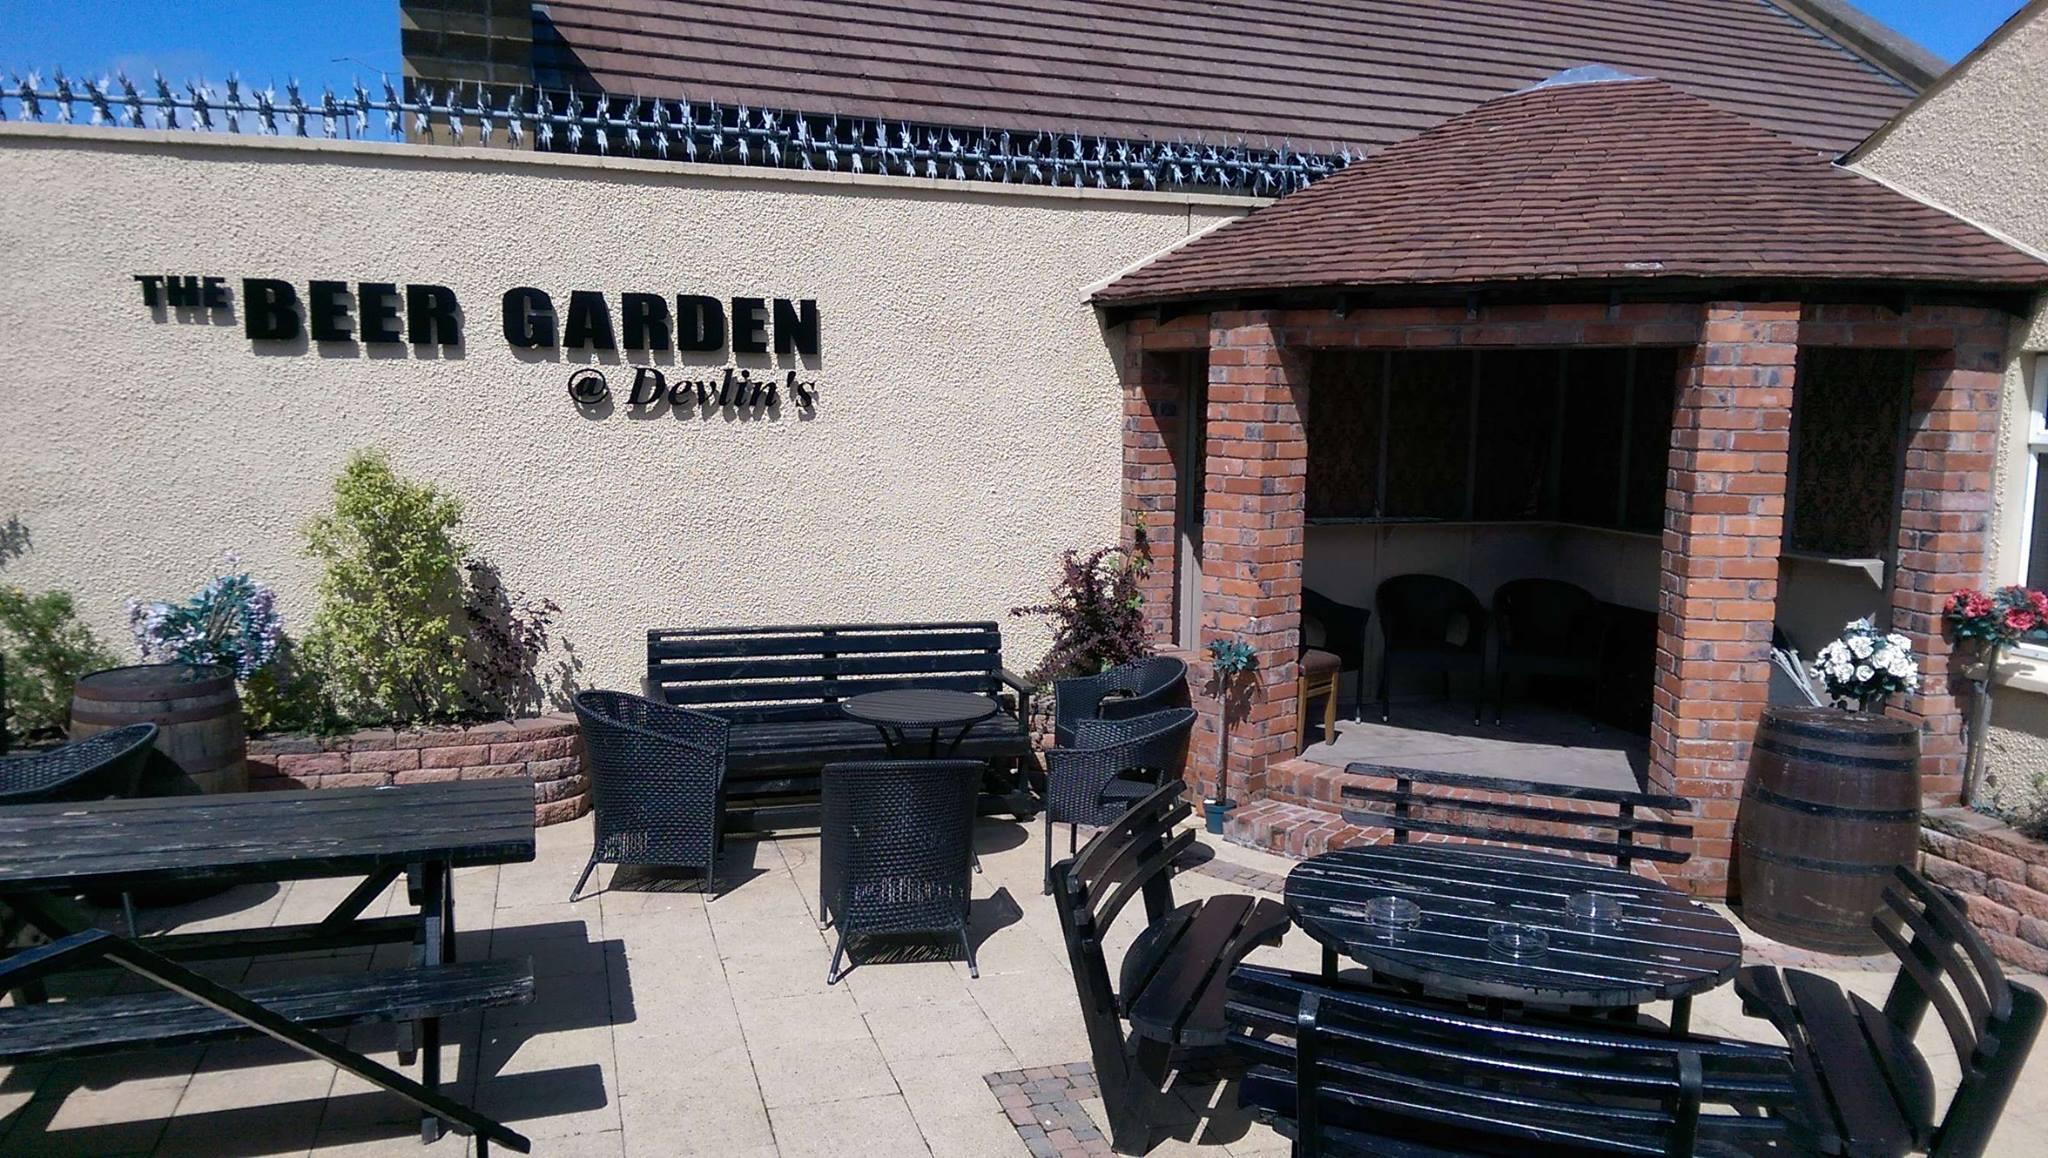 Devlins Beer Garden